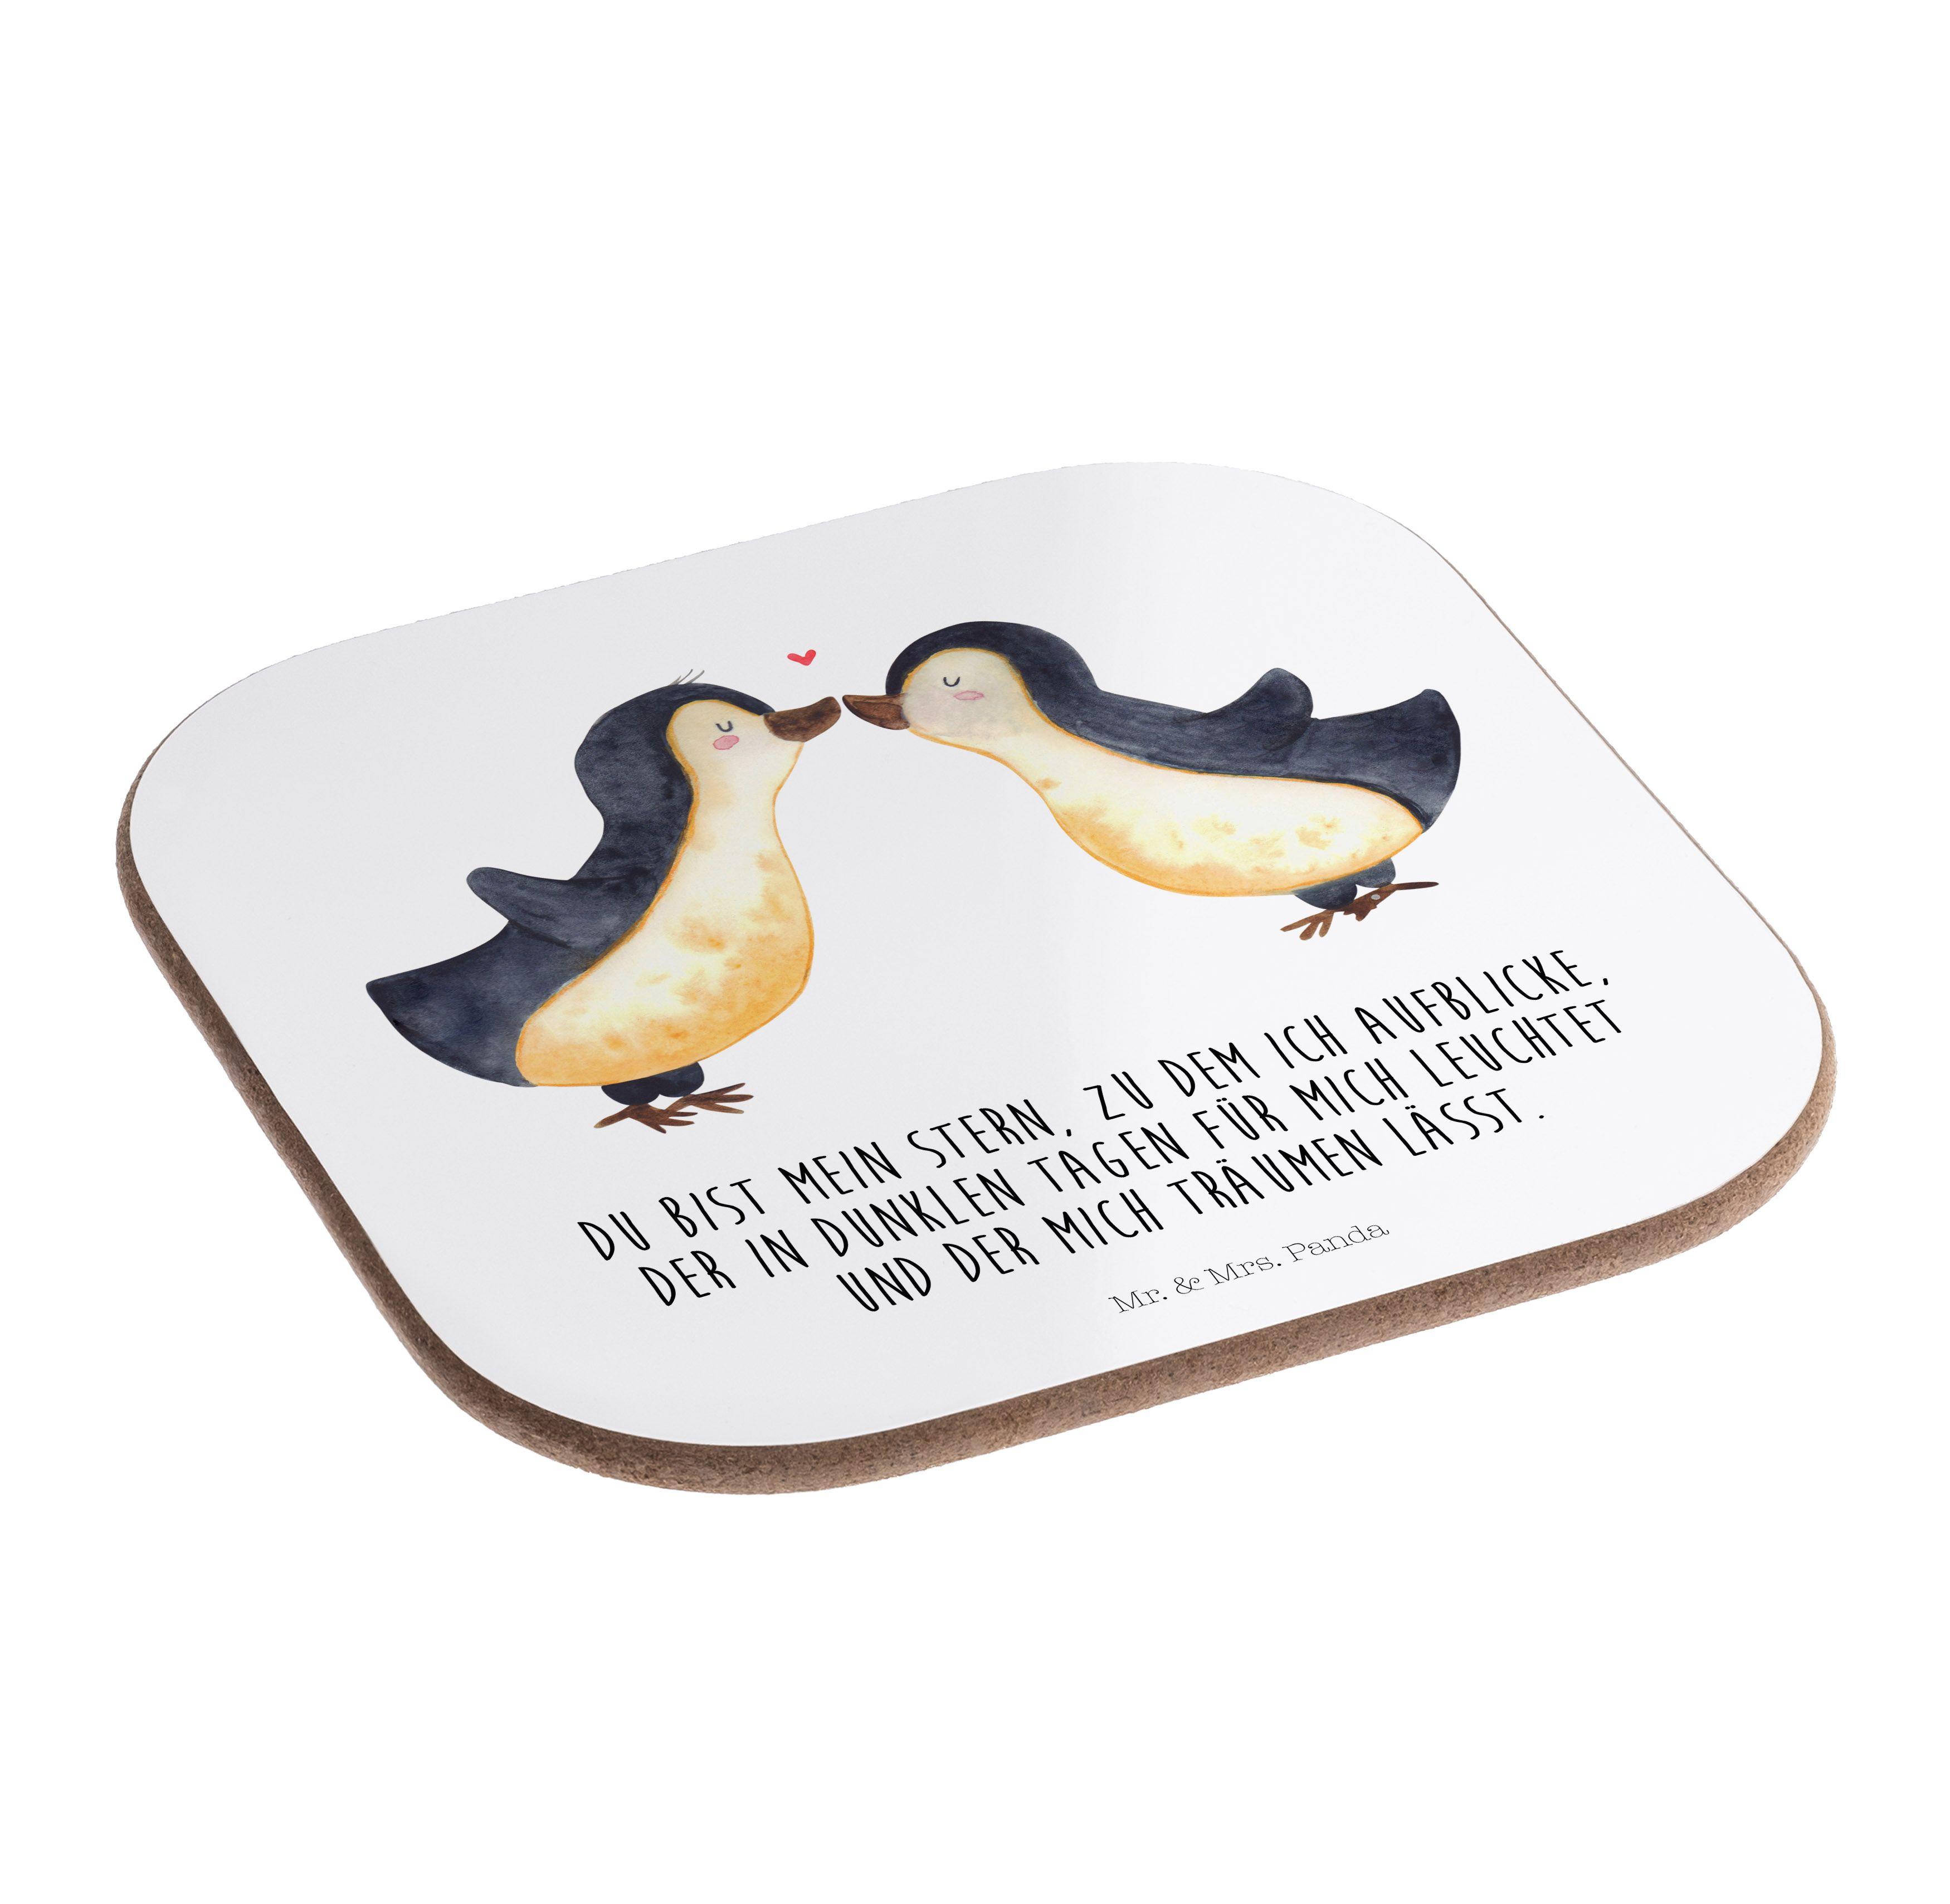 Quadratische Untersetzer Pinguin Liebe aus Hartfaser  natur - Das Original von Mr. & Mrs. Panda.  Dieser wunderschönen Untersetzer von Mr. & Mrs. Panda wird in unserer Manufaktur liebevoll bedruckt und verpackt. Er bestitz eine Größe von 100x100 mm und glänzt sehr hochwertig. Hier wird ein Untersetzer verkauft, sie können die Untersetzer natürlich auch im Set kaufen.    Über unser Motiv Pinguin Liebe  Das Gefühl verliebt zu sein und seinen Verbündeten gefunden zu haben ist unbezahlbar. Die…